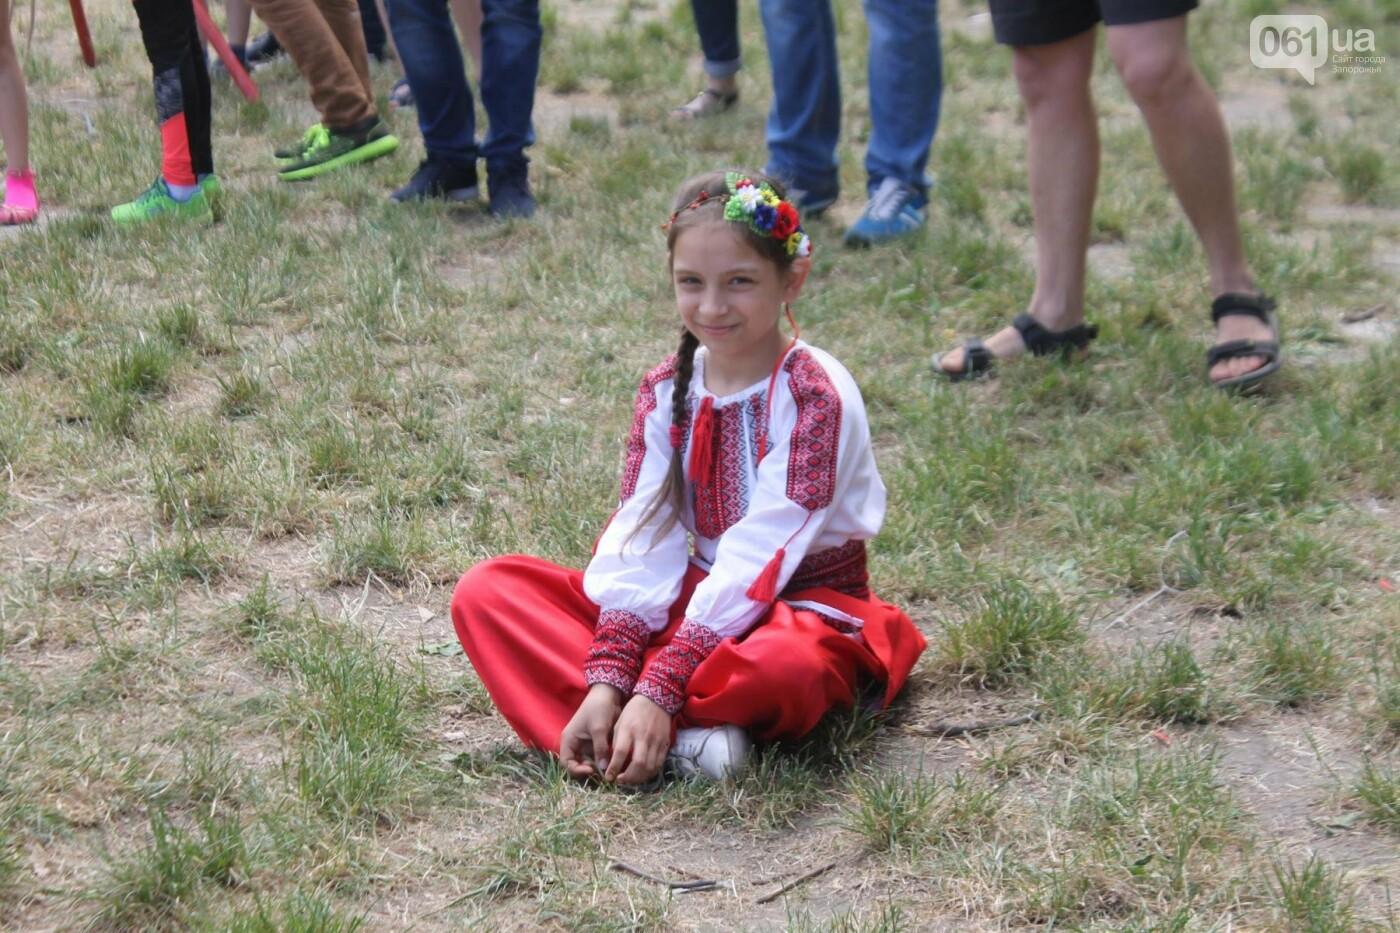 «Лава на лаву», борьба на поясах и ярмарка вышиванок: как в Запорожье прошли всеукраинские казацкие игры, – ФОТОРЕПОРТАЖ, фото-45